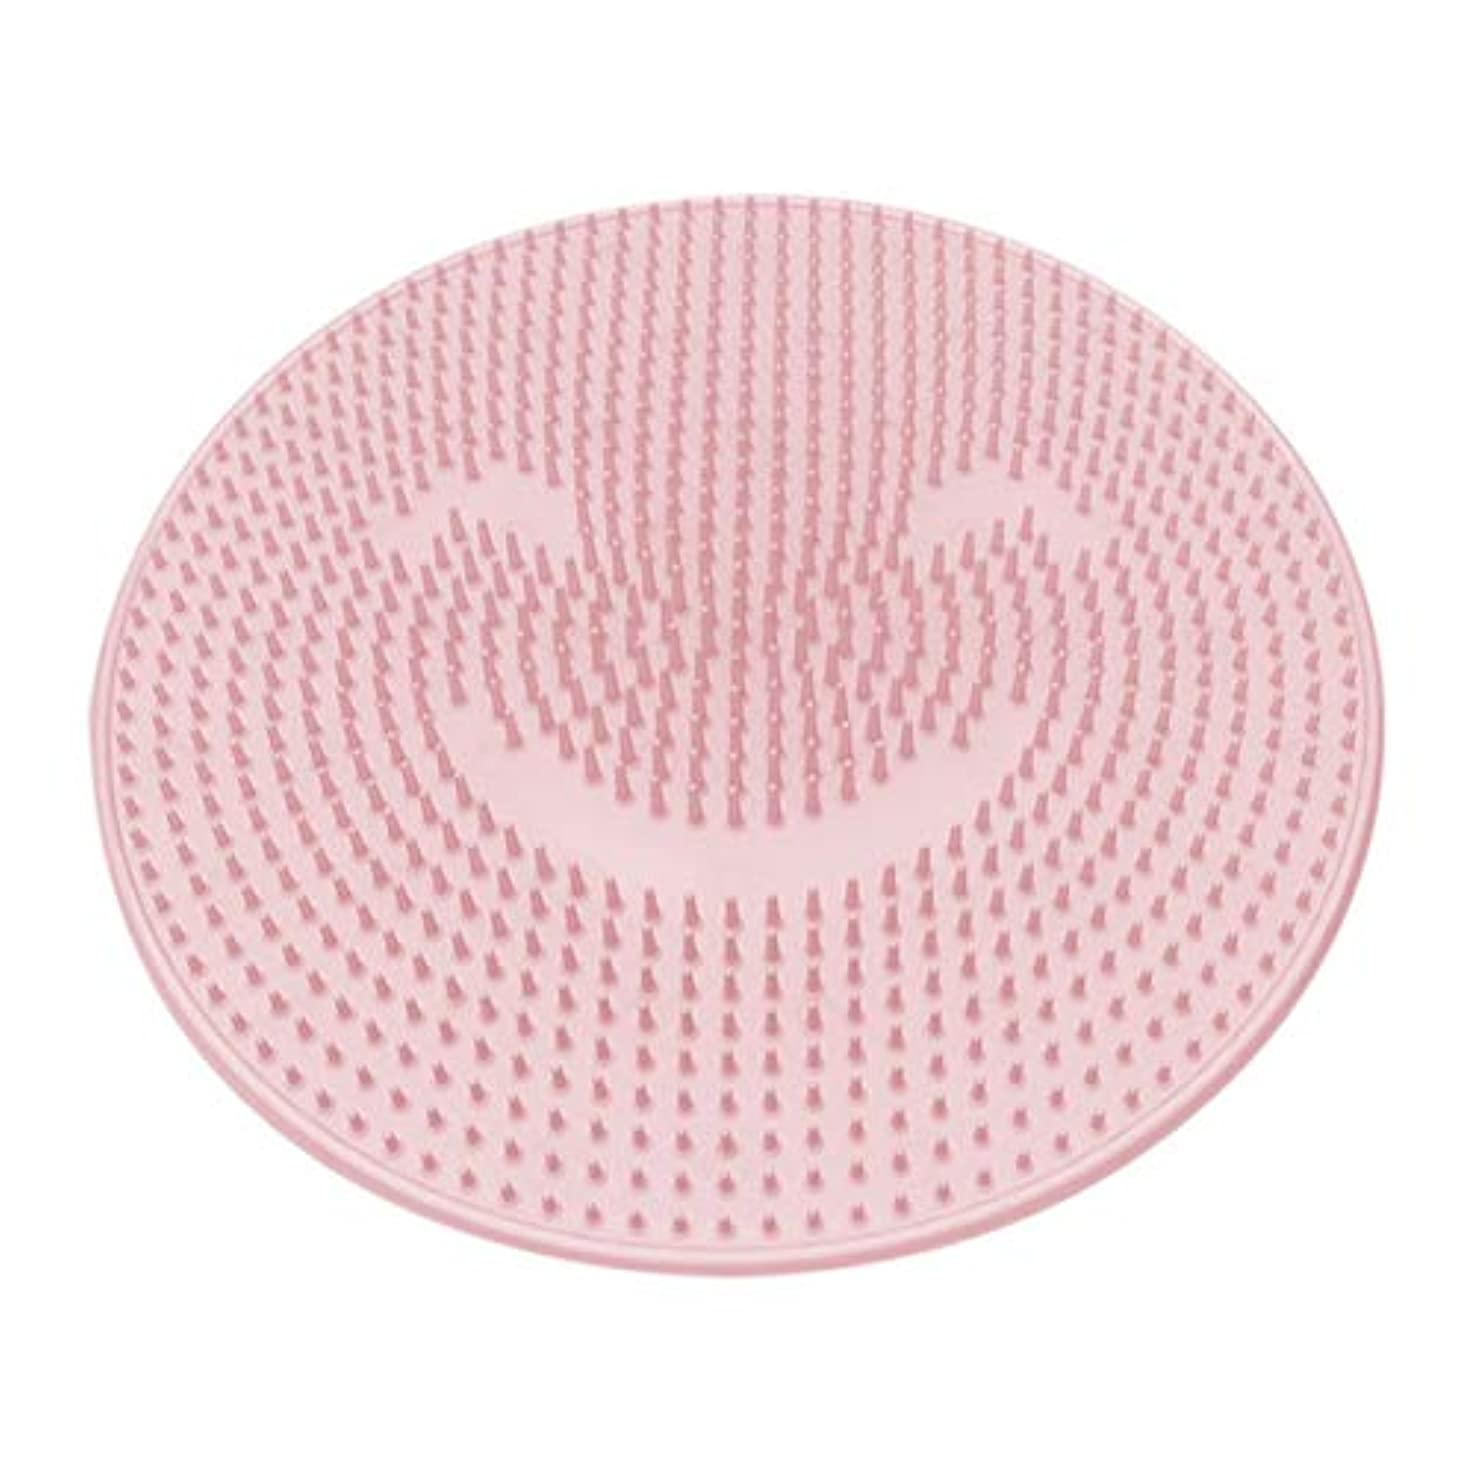 ギャングスター複合パスポートIntercorey Lazy Silicone Foot Foot Artifact Back Massage Mat Sole Bathroom Suction Cup Professional Non-Slip